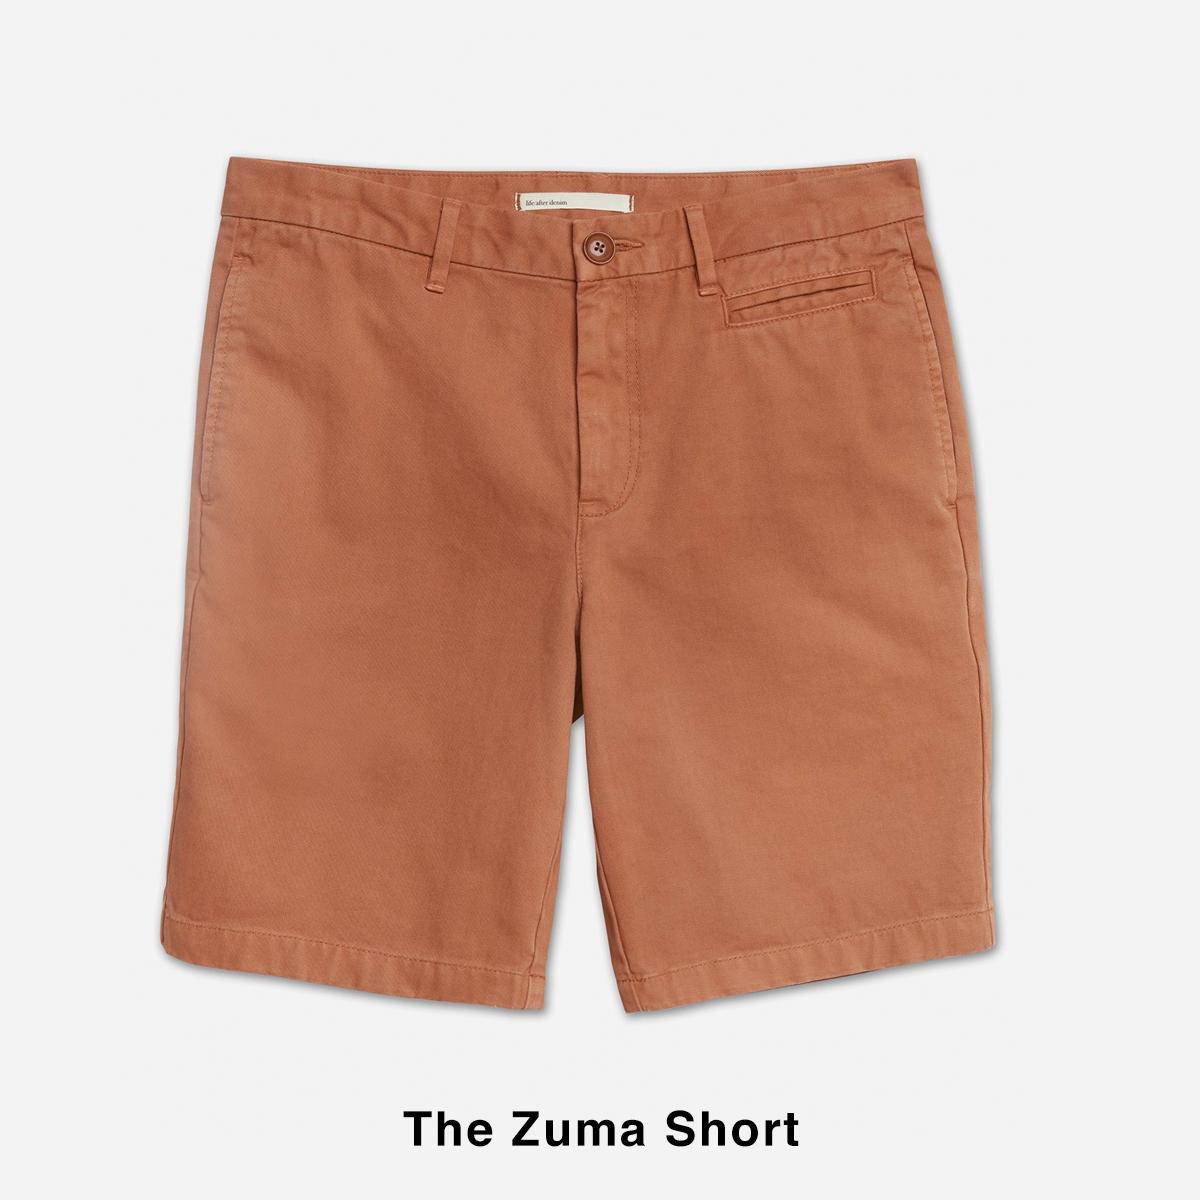 The Zuma Short